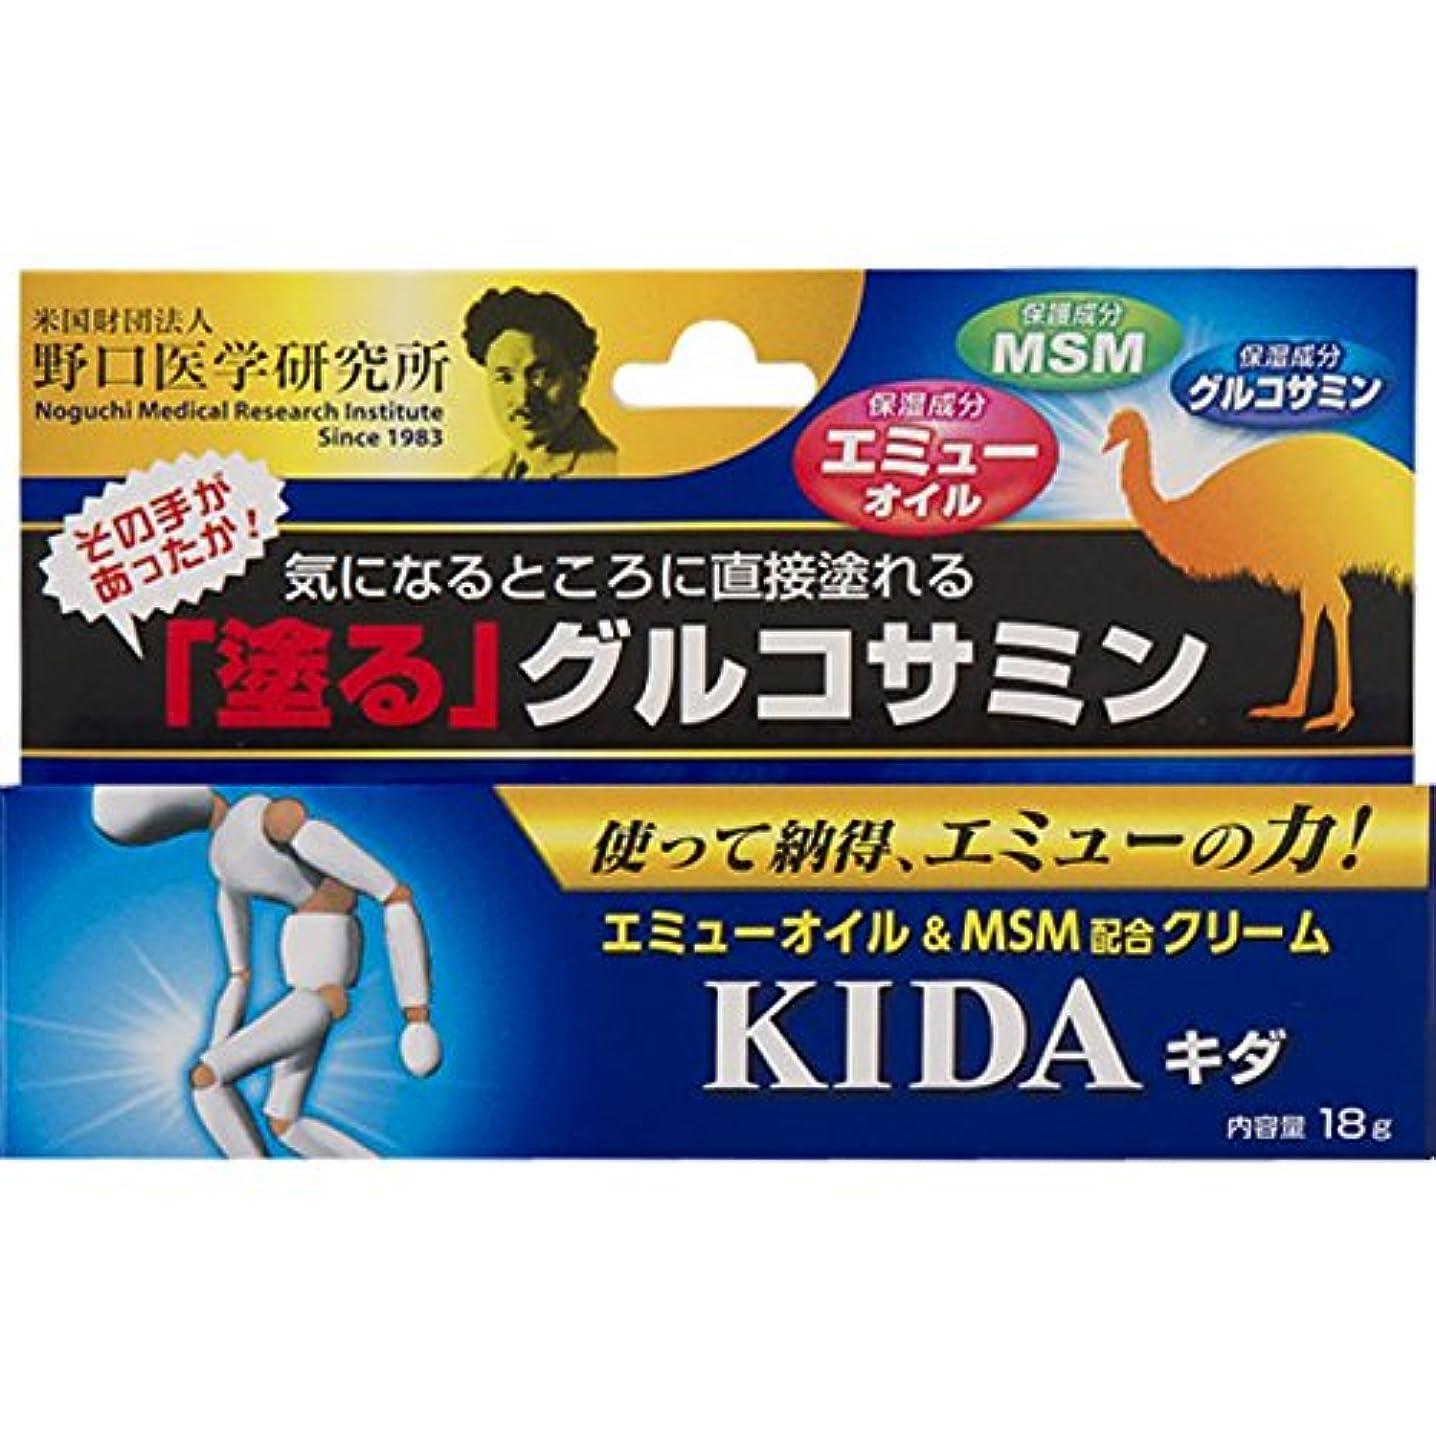 商人高度環境に優しいキダ エミューオイル&MSM配合クリーム(18g)